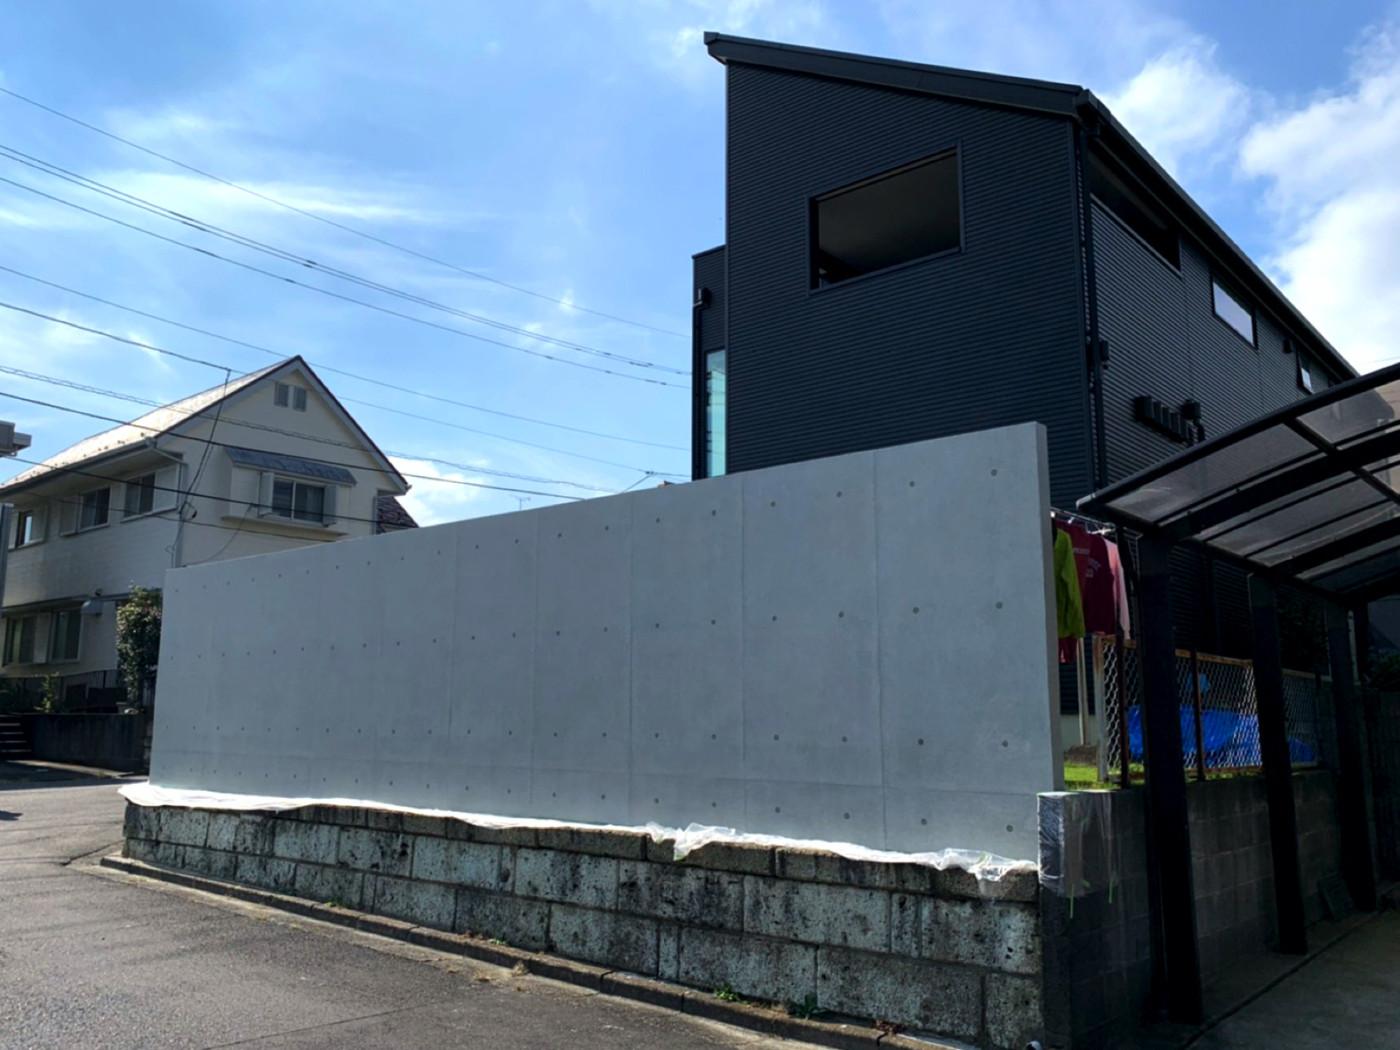 神奈川県 アートフリーダム株式会社 グランドアートウォール施工イメージ1880_03